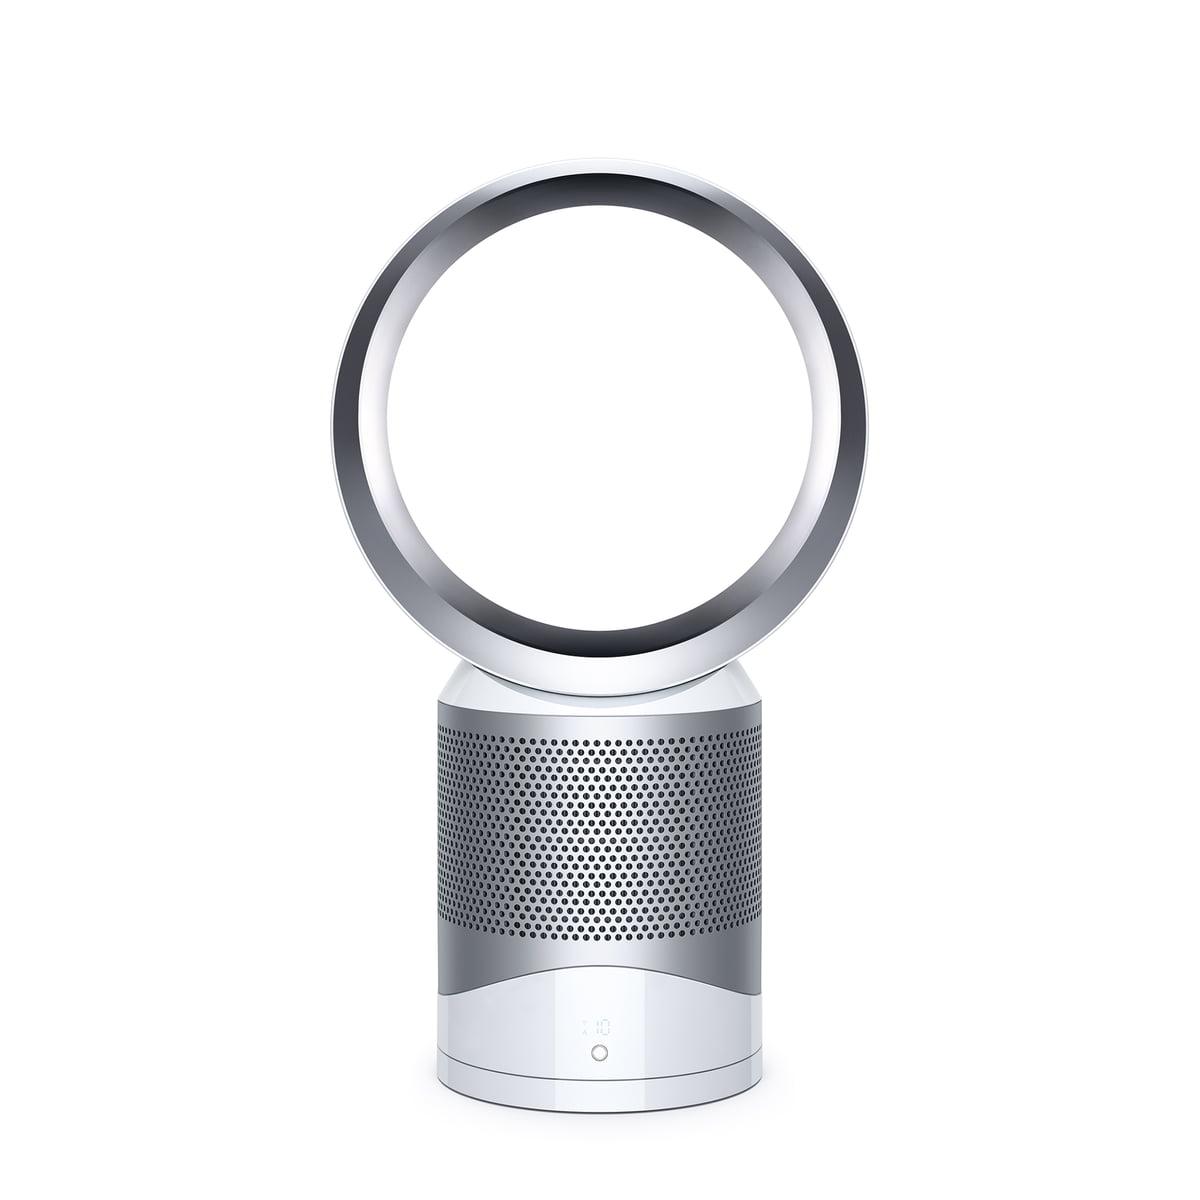 Dyson Deutschland Dyson - pure cool link Tisch-Luftreiniger mit Ventilatorfunktioin, weiß / silber | Baumarkt > Heizung und Klima | Weiß | Metall -  kunststoff | Dyson Deutschland